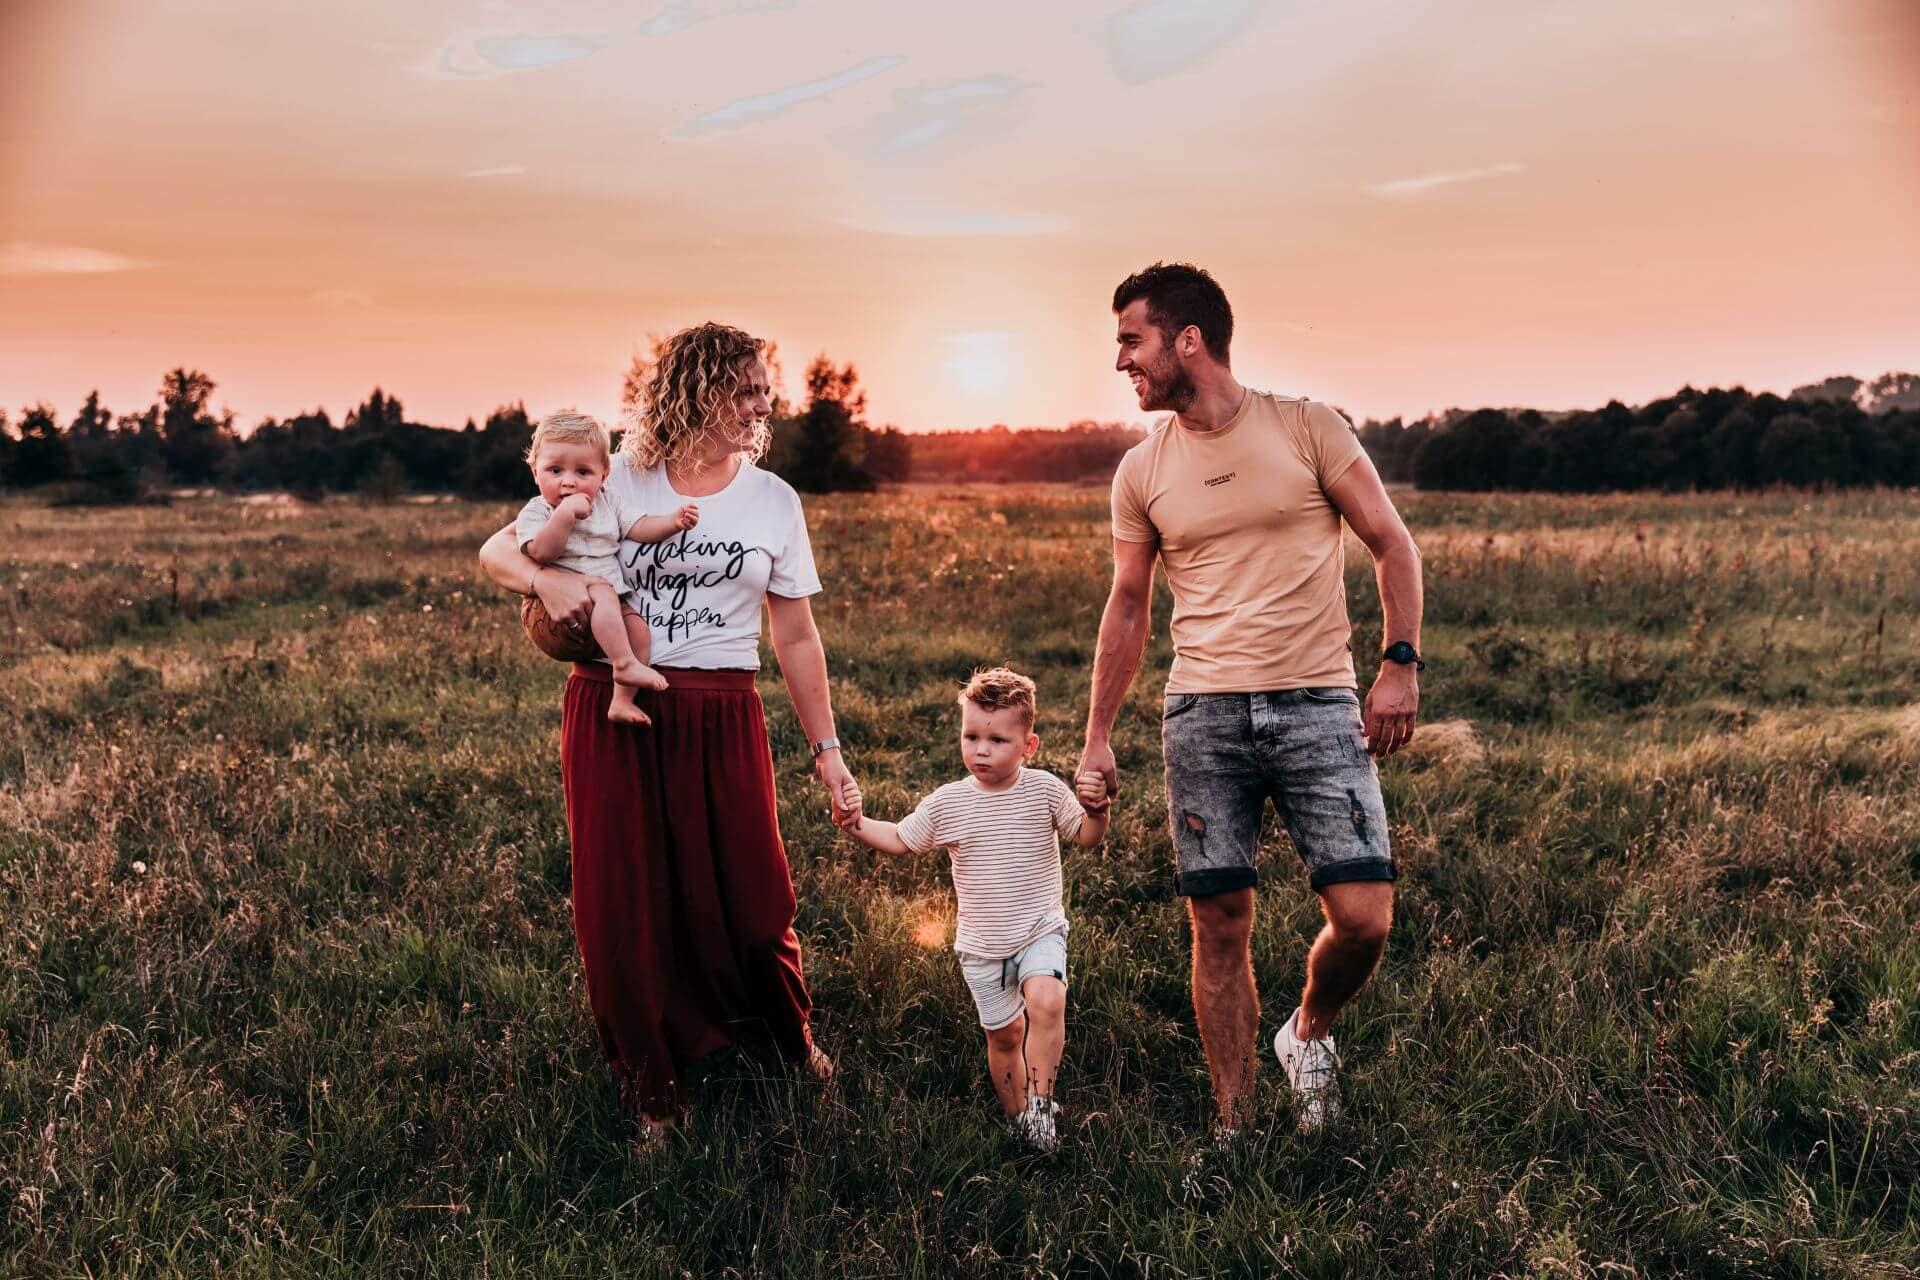 family gezinsshoot gezinsreportage familieshoot